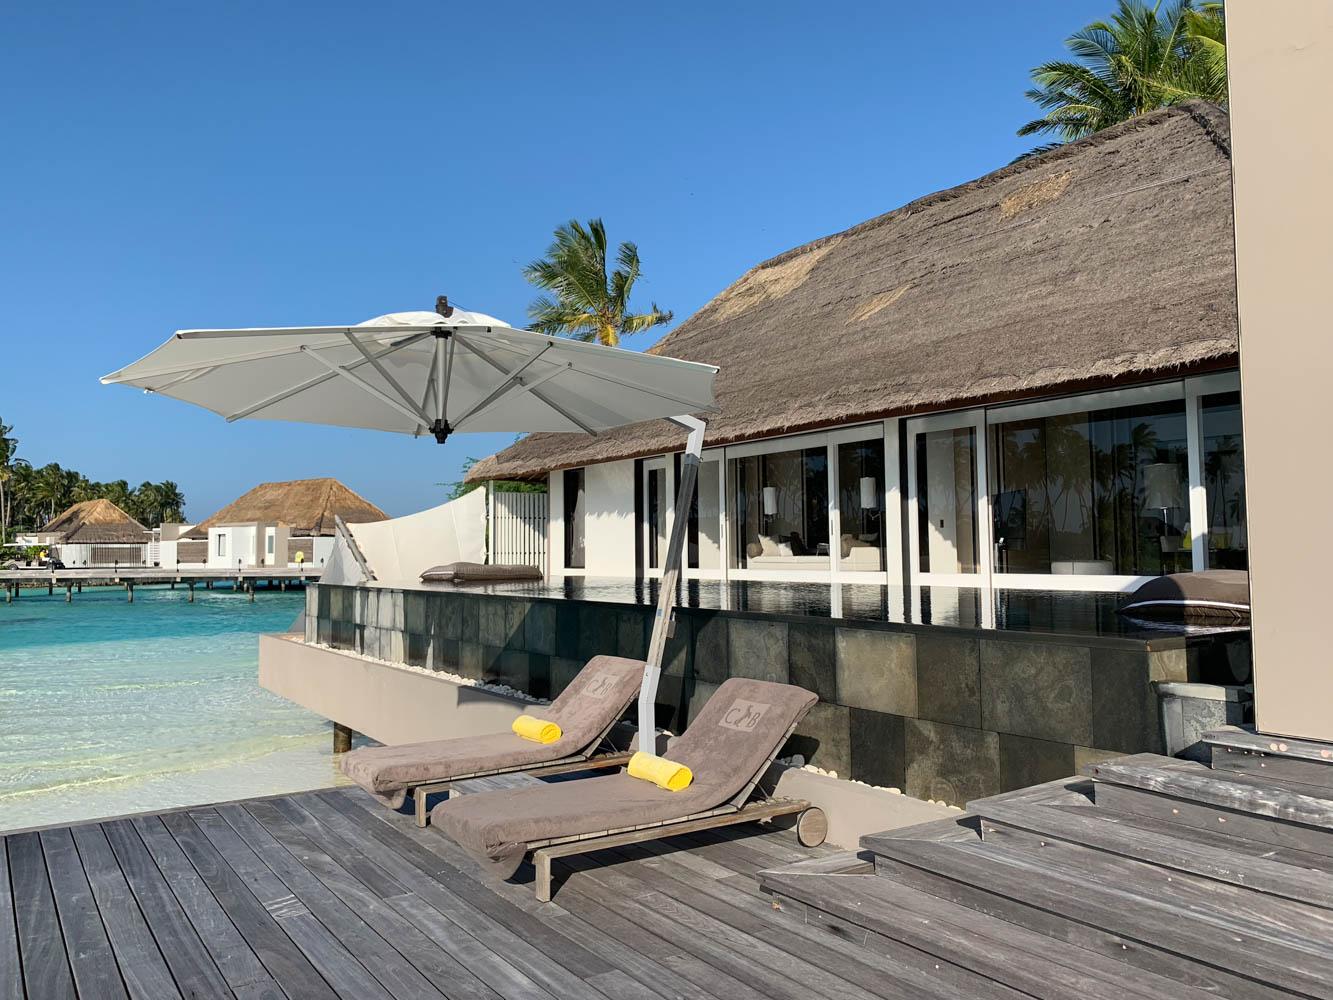 Maldives_Resort_Honeymoon_Cheval_Blanc_MaldivesTravelAdvisor-7.jpg